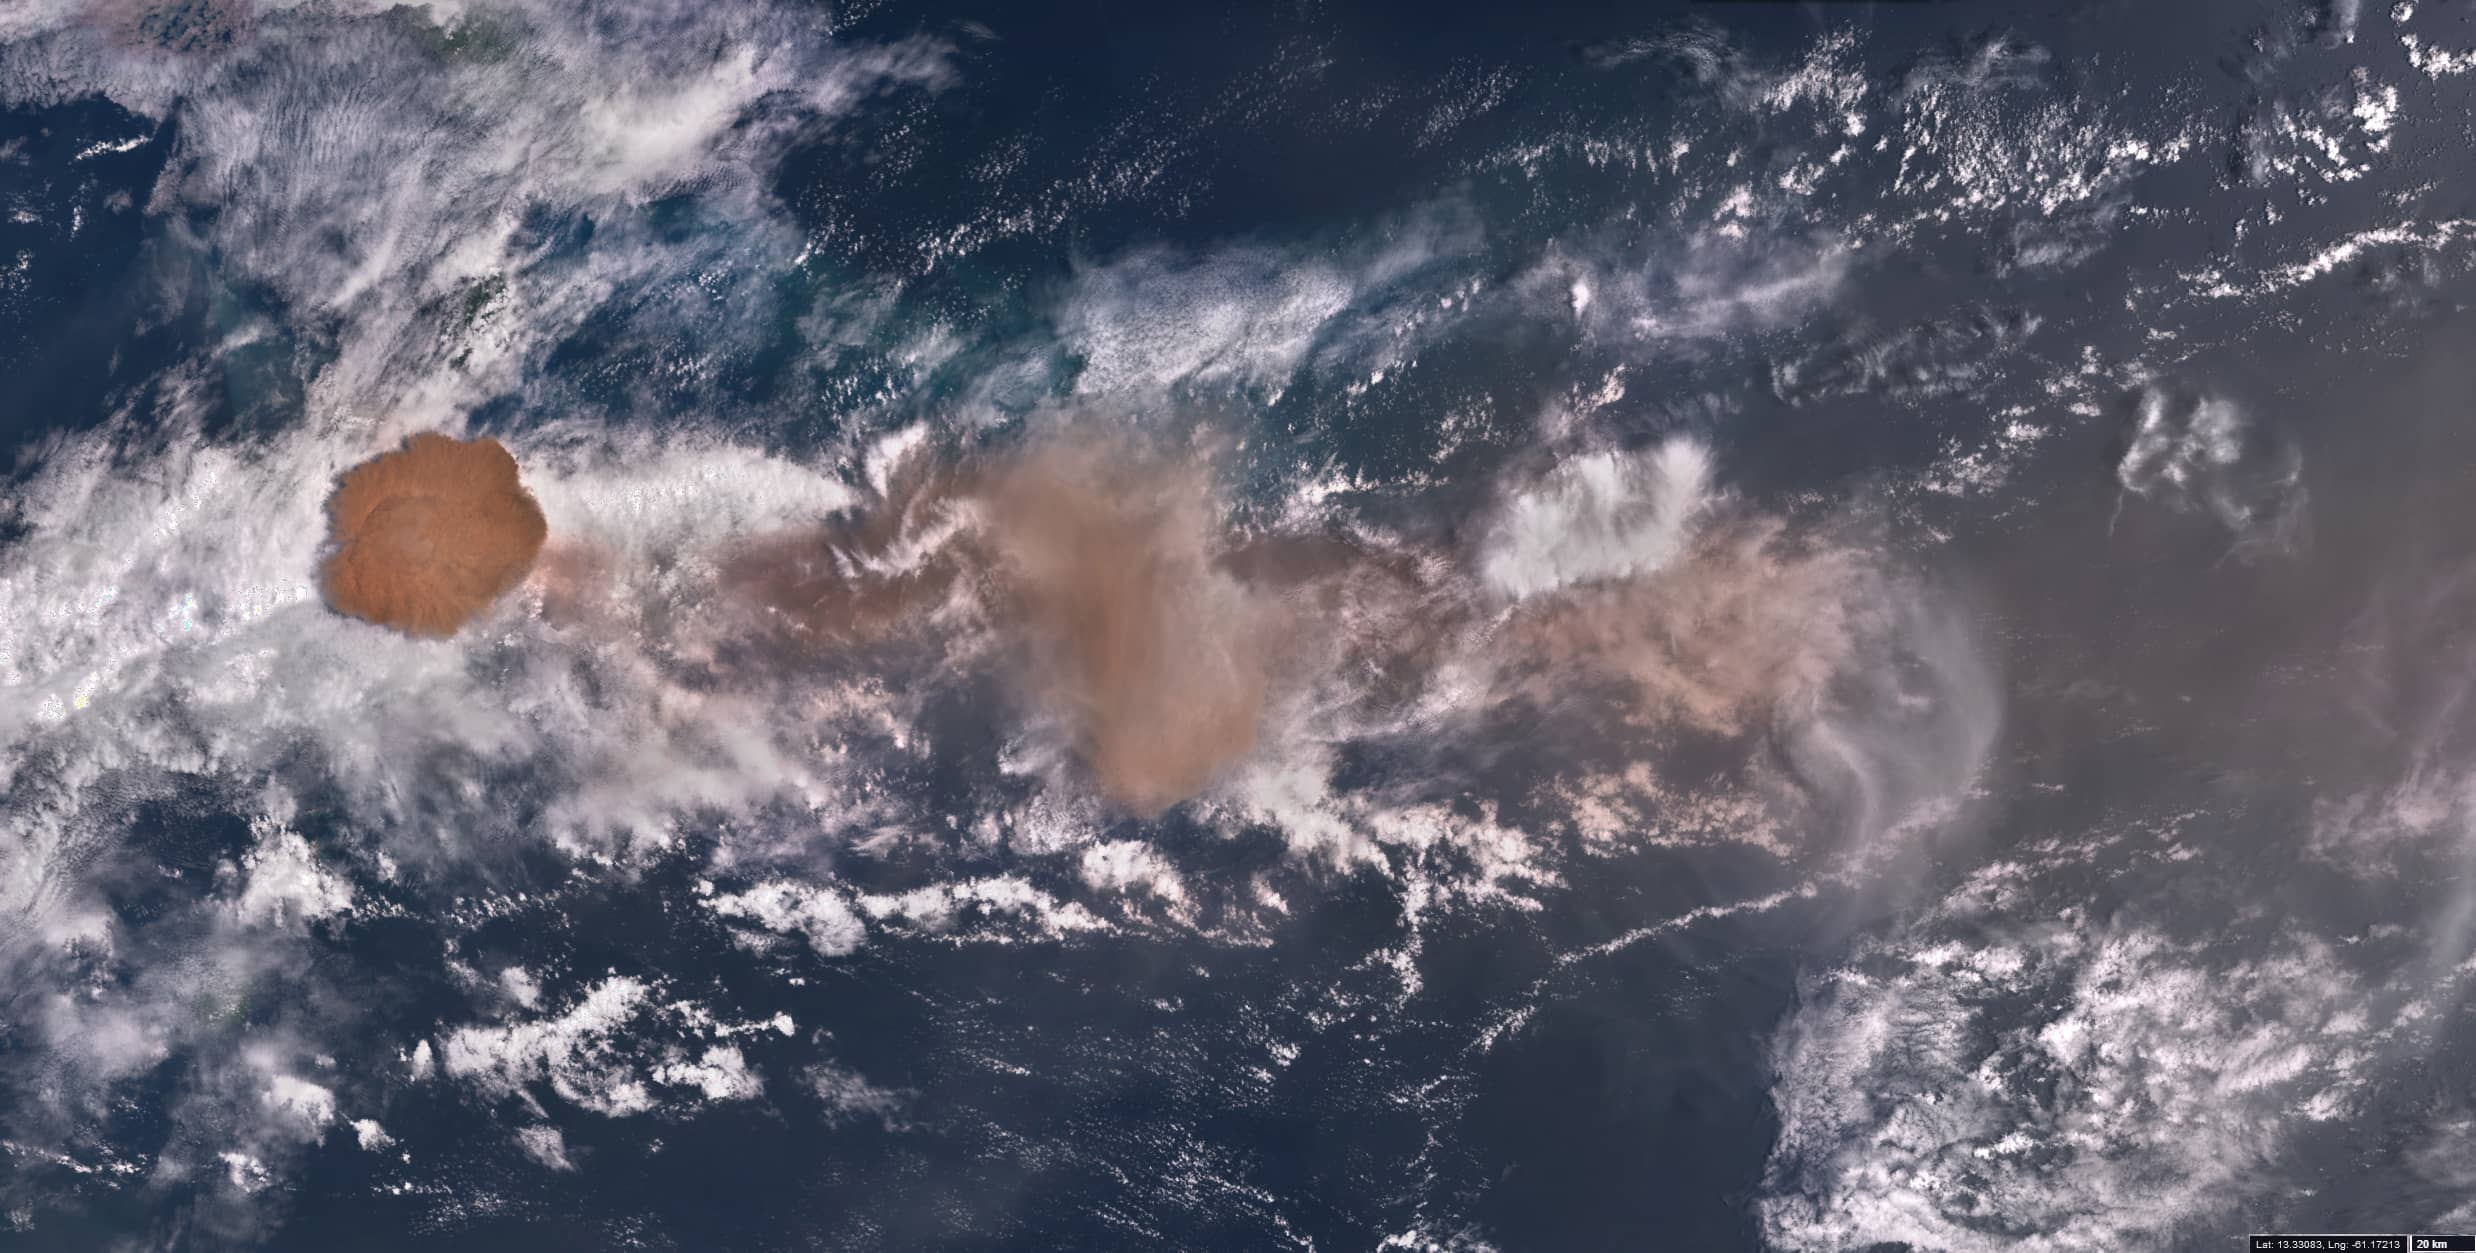 La Soufrière eruption